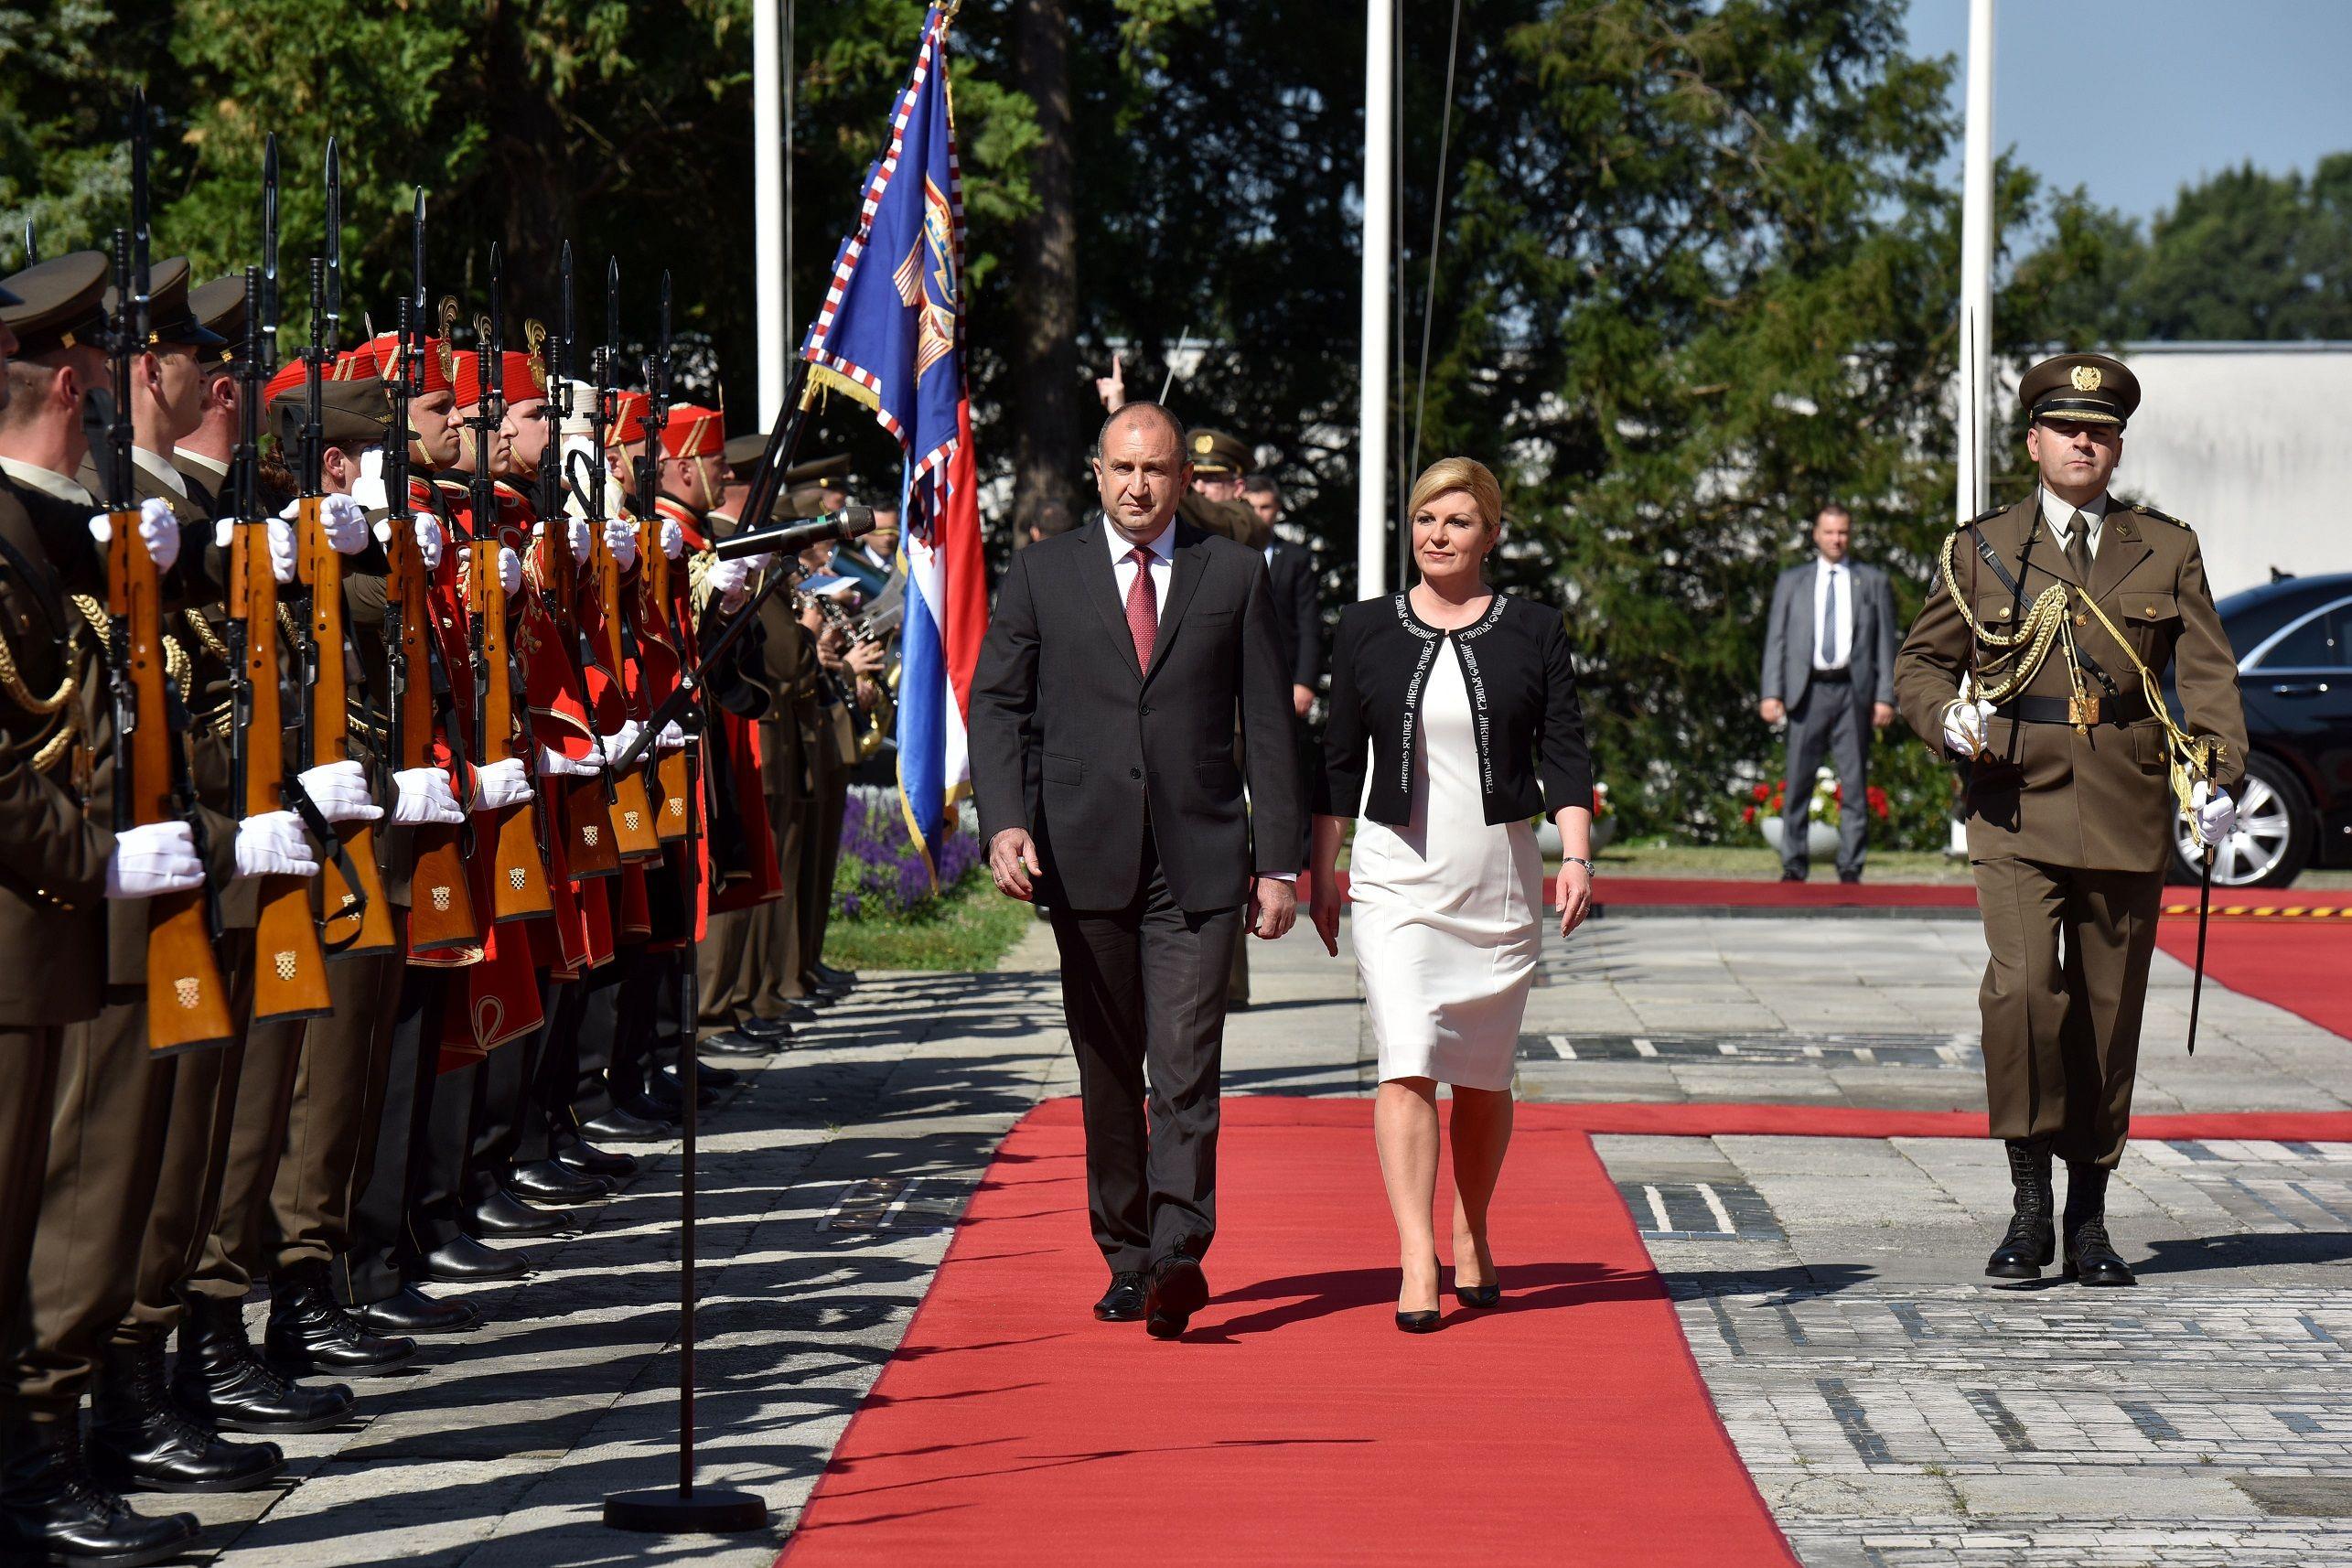 Saveznici u Europskoj uniji i NATO-u: Grabar-Kitarović i Radev za novu, stratešku dimenziju odnosa Hrvatske i Bugarske